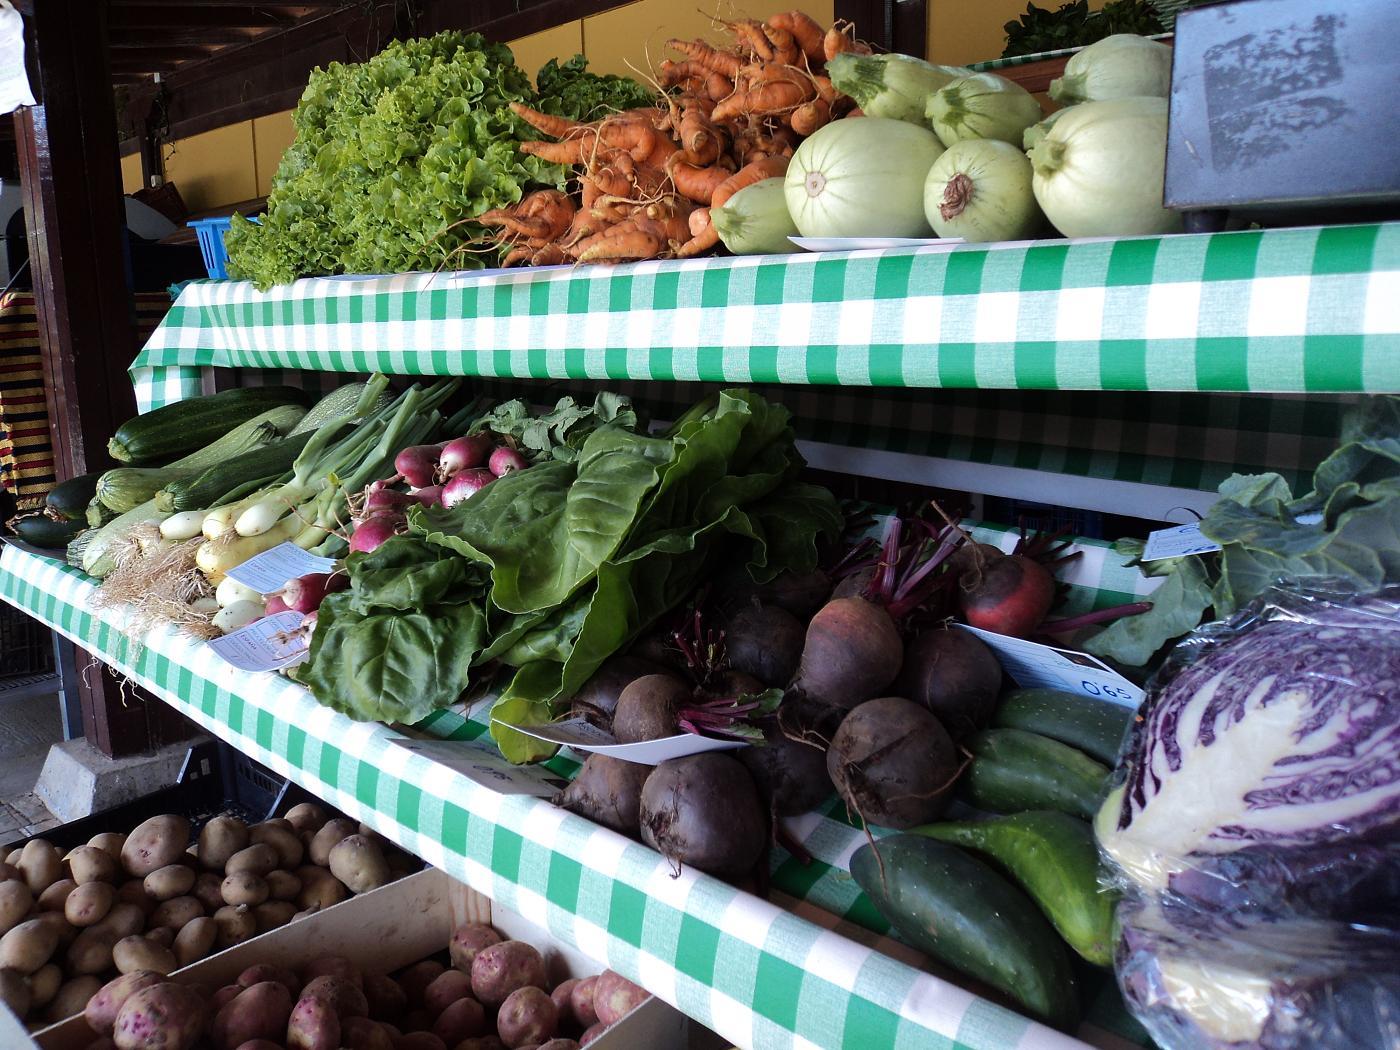 Precio de los alimentos en el Mercado del Agricultor de Tegueste